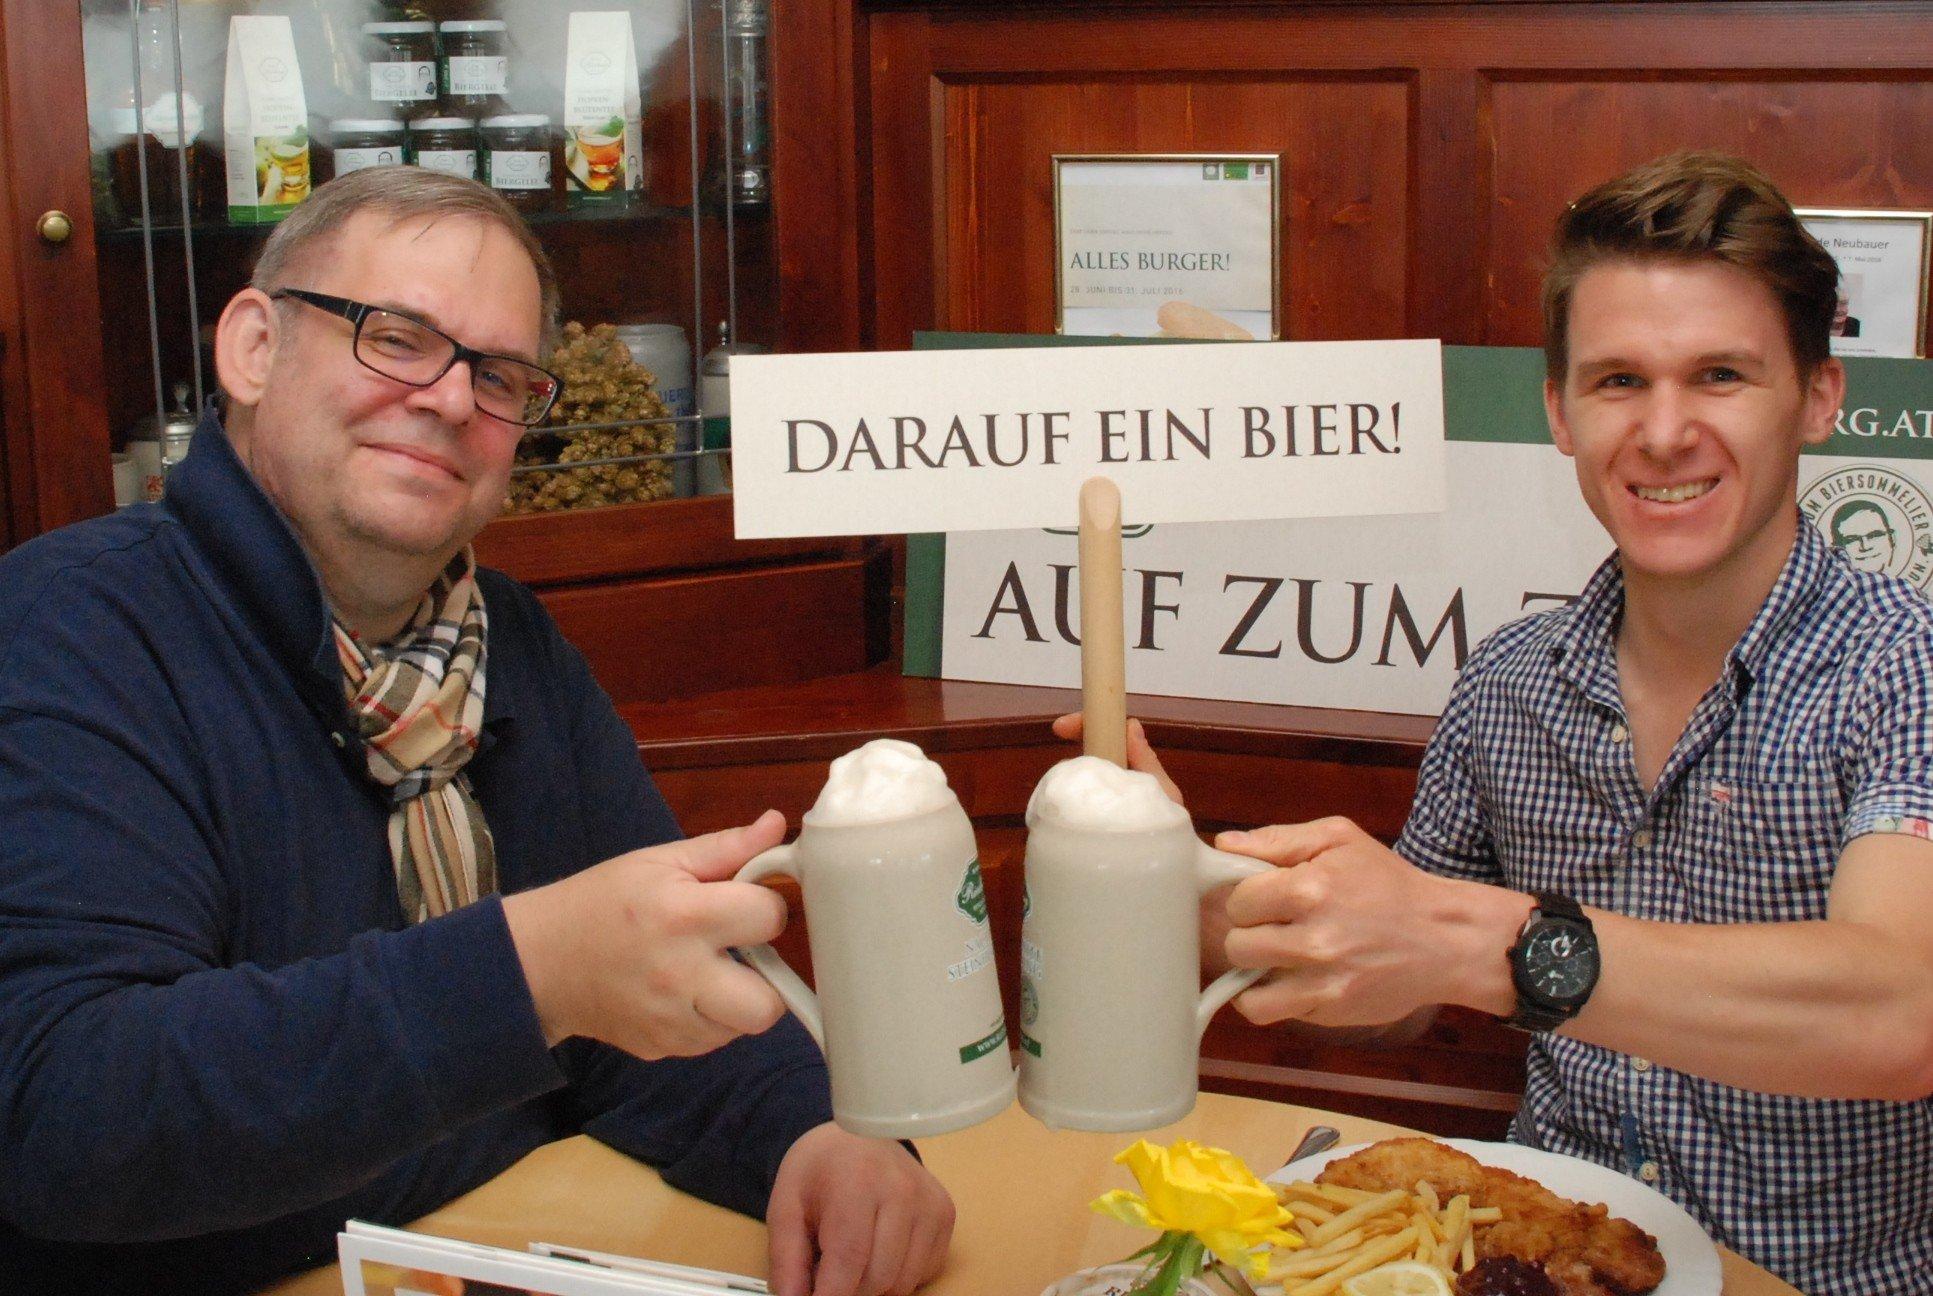 Gastwirt Karl Zuser jun. und der glückliche Gewinner Stephan Knoll stoßen auf den Gewinn an. Darauf ein Bier!